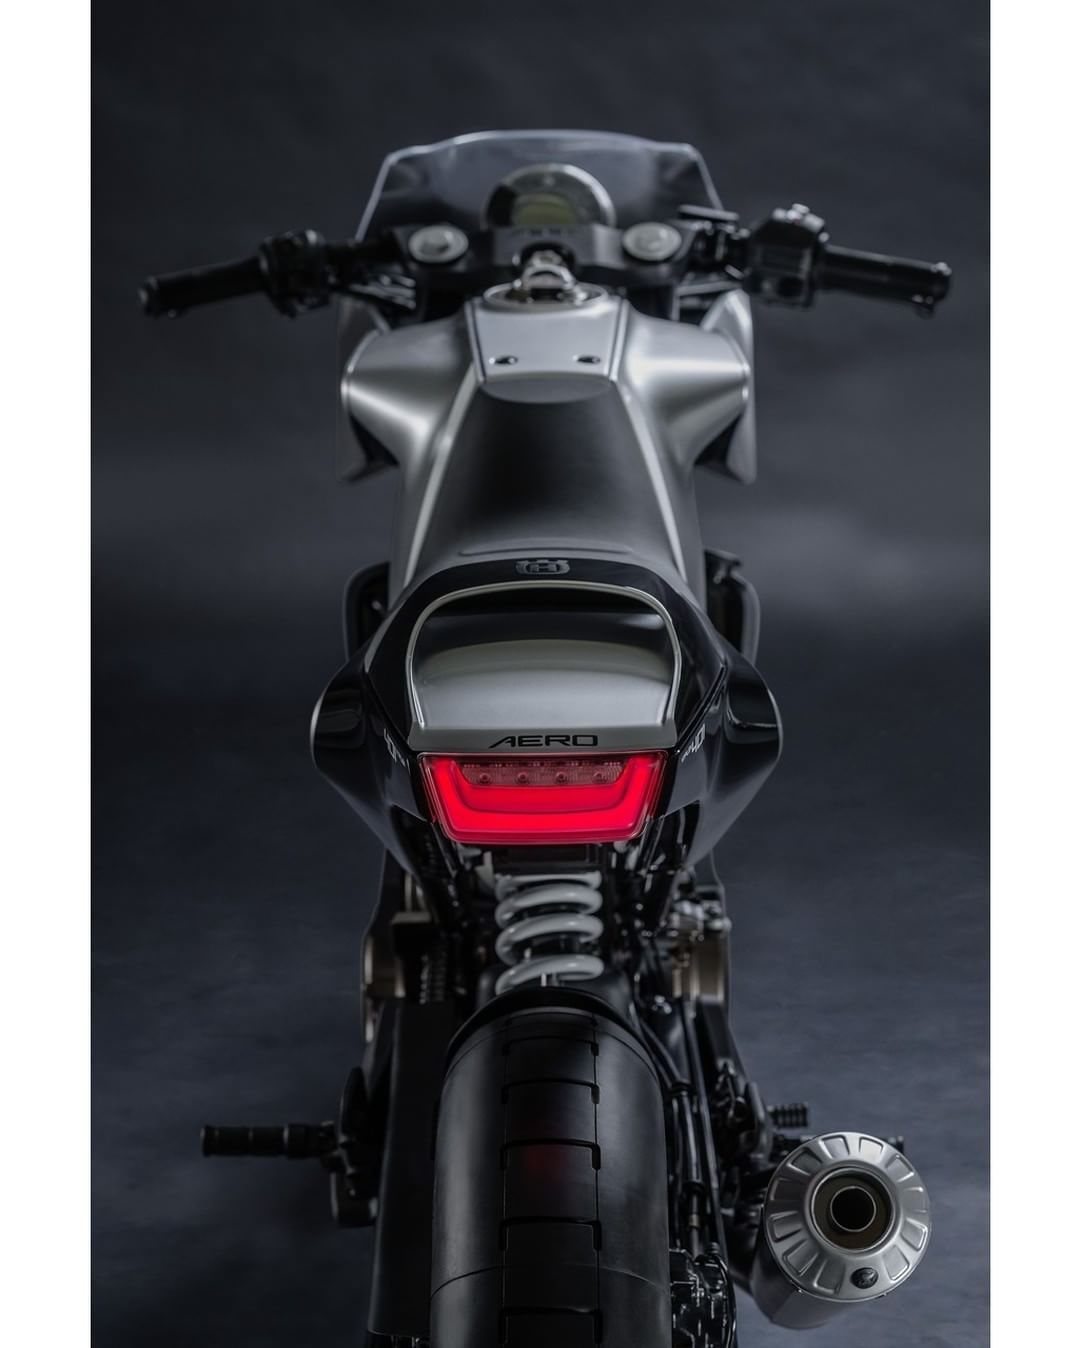 Husqvarna Vitpilen 401 Aero Cafe Racer #motorcycles #caferacer #motos | caferacerpasion.com